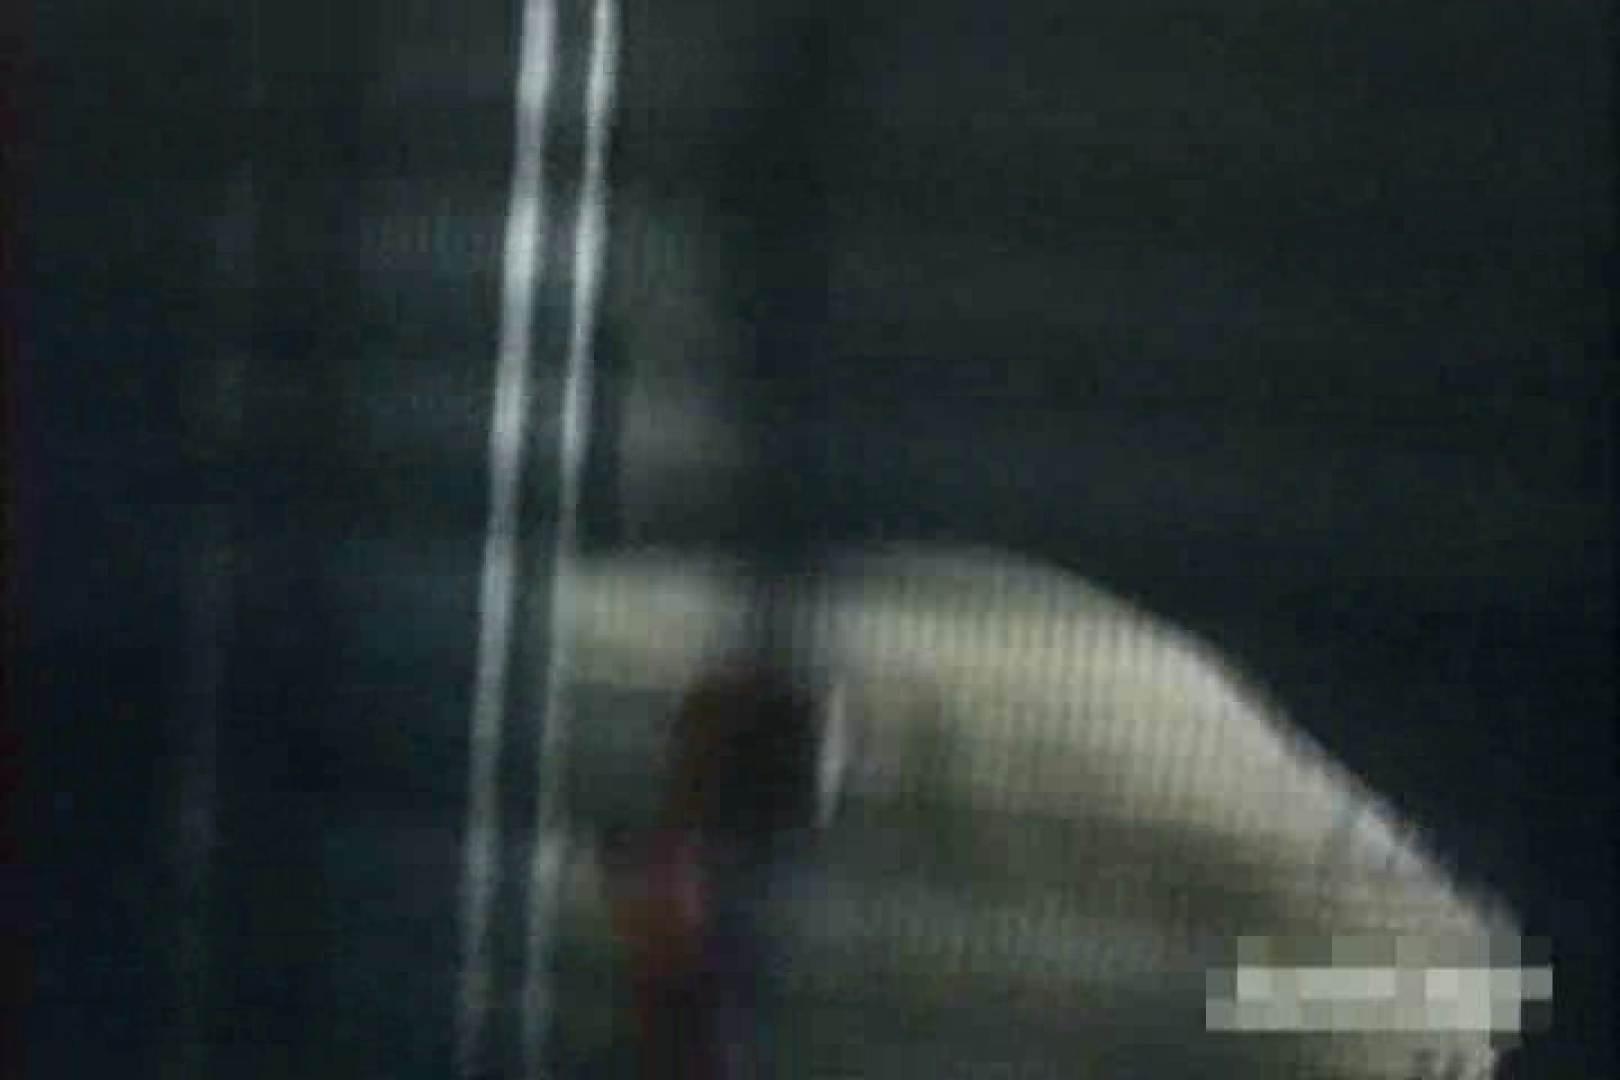 激撮ストーカー記録あなたのお宅拝見しますVol.3 プライベート セックス画像 88画像 76